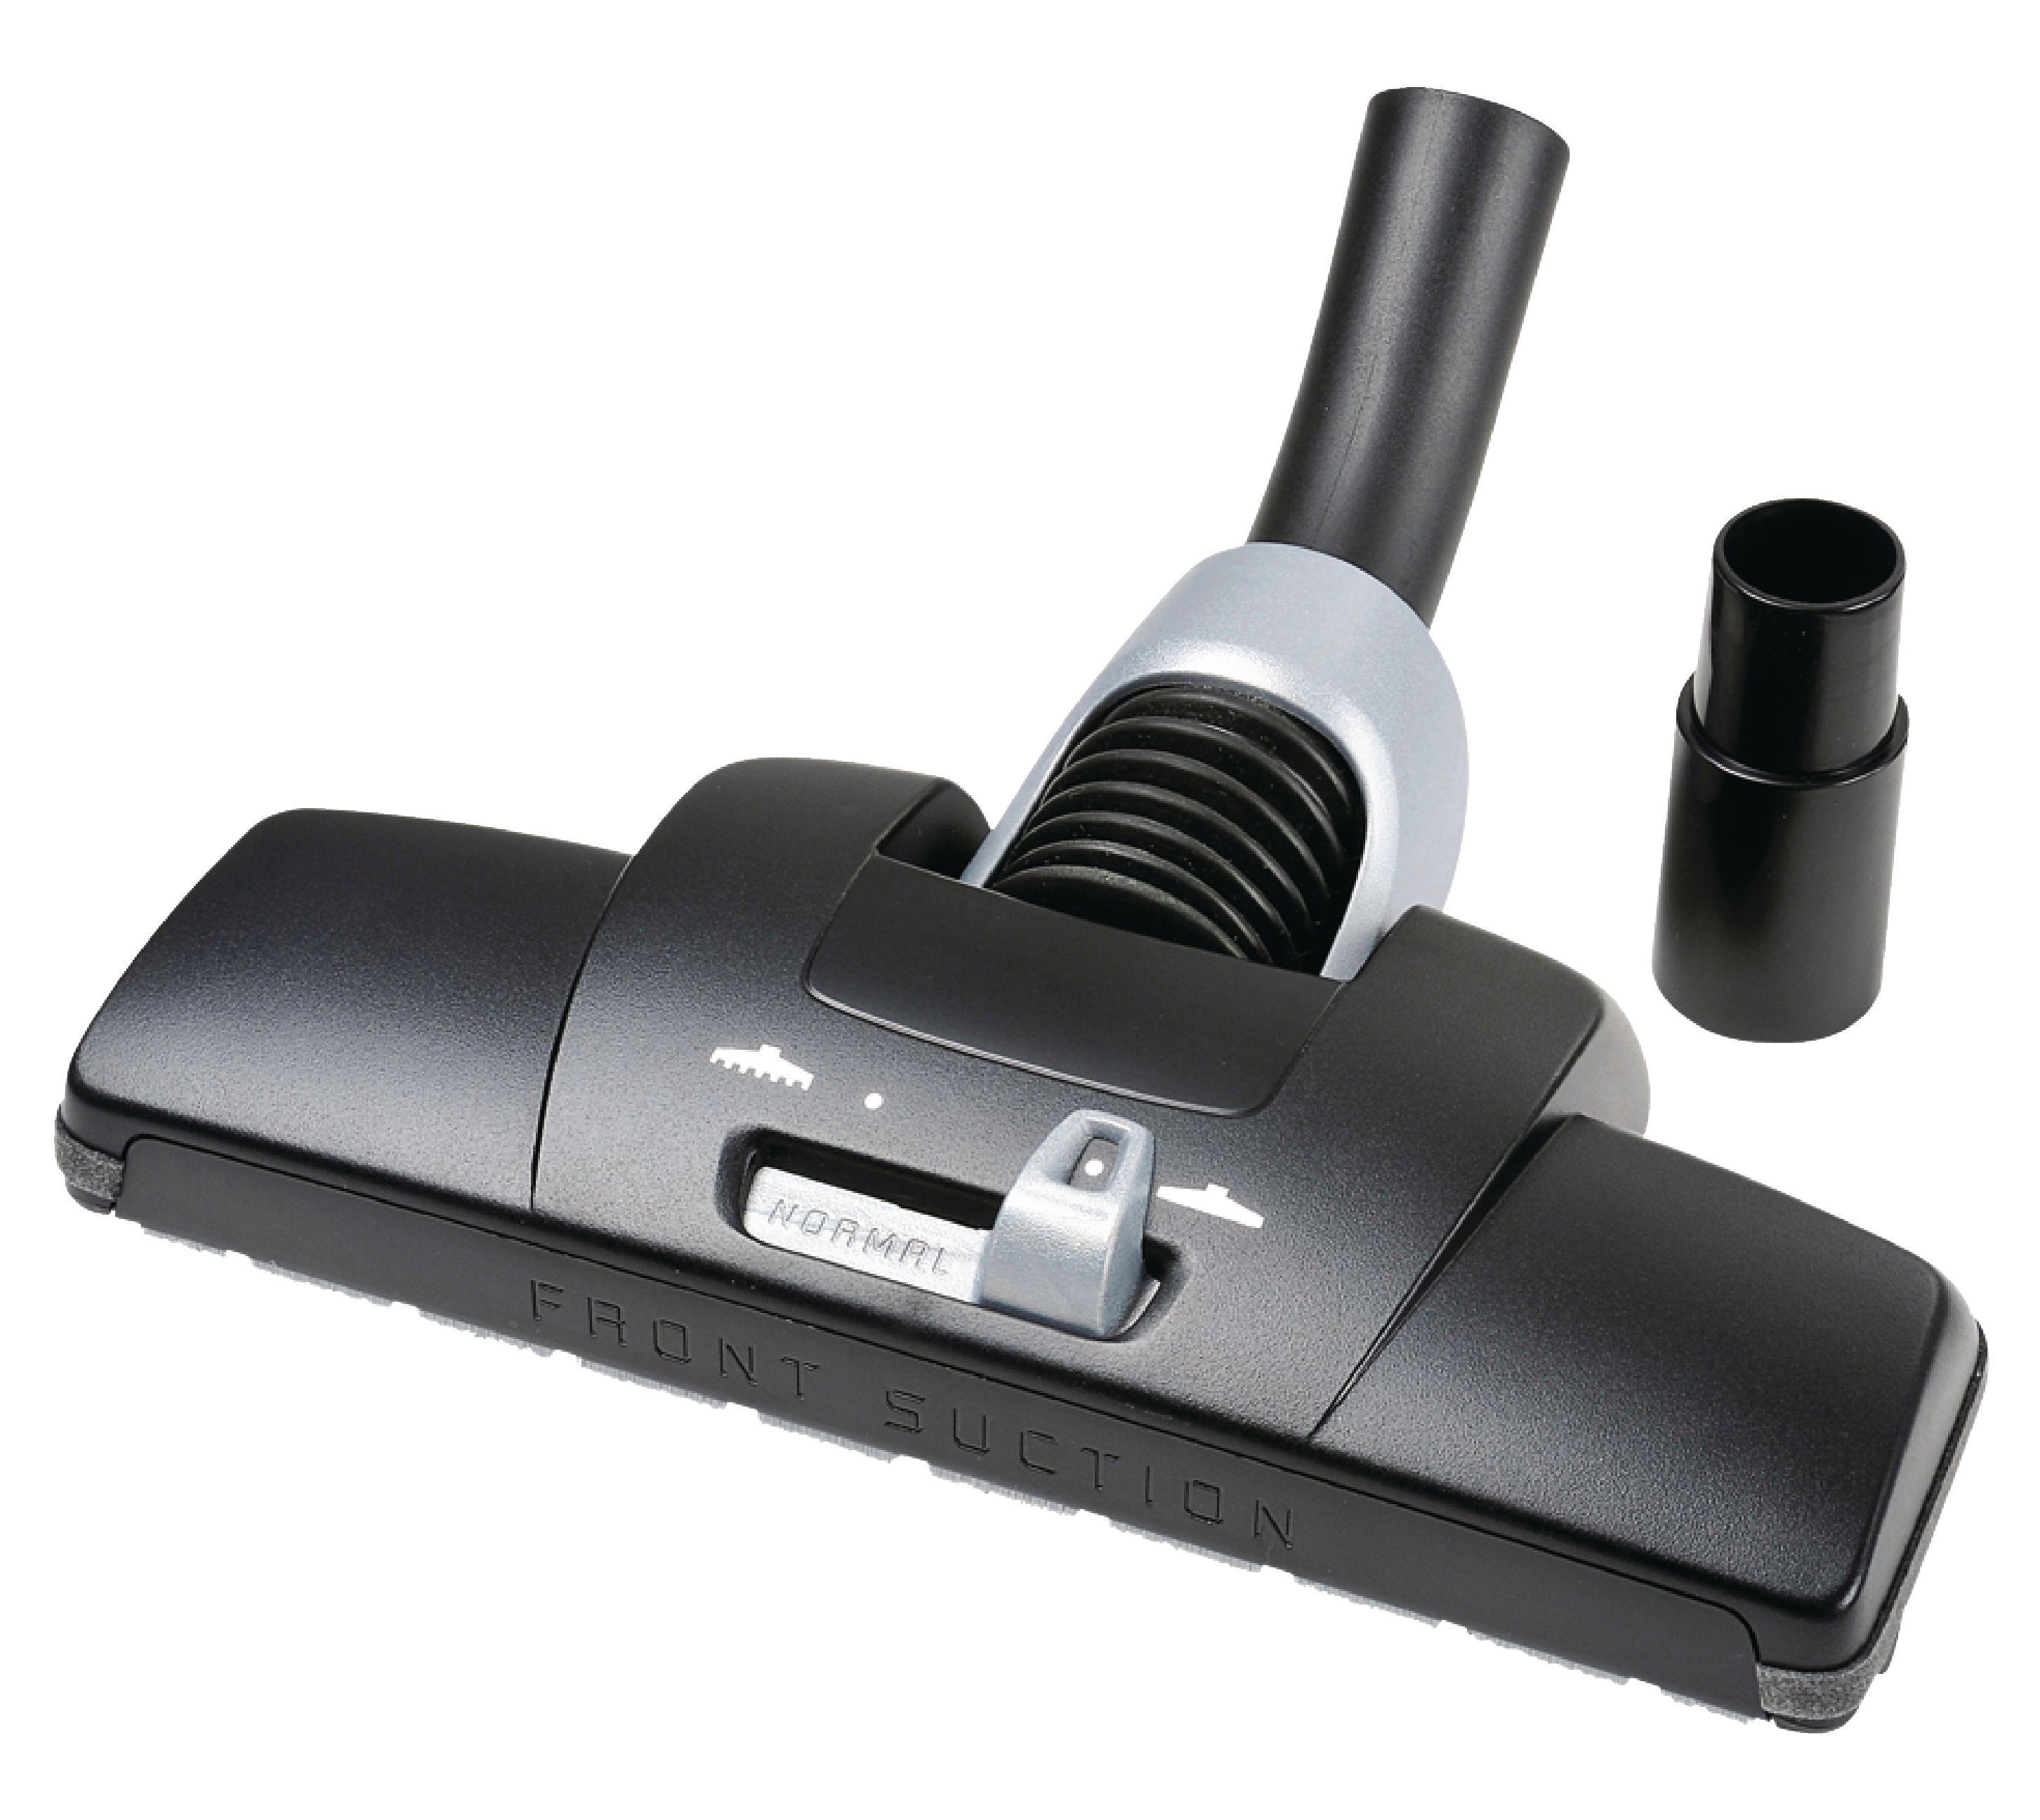 Podlahová hubice DustMagnet, průměr 32/35 mm Electrolux 9002567254